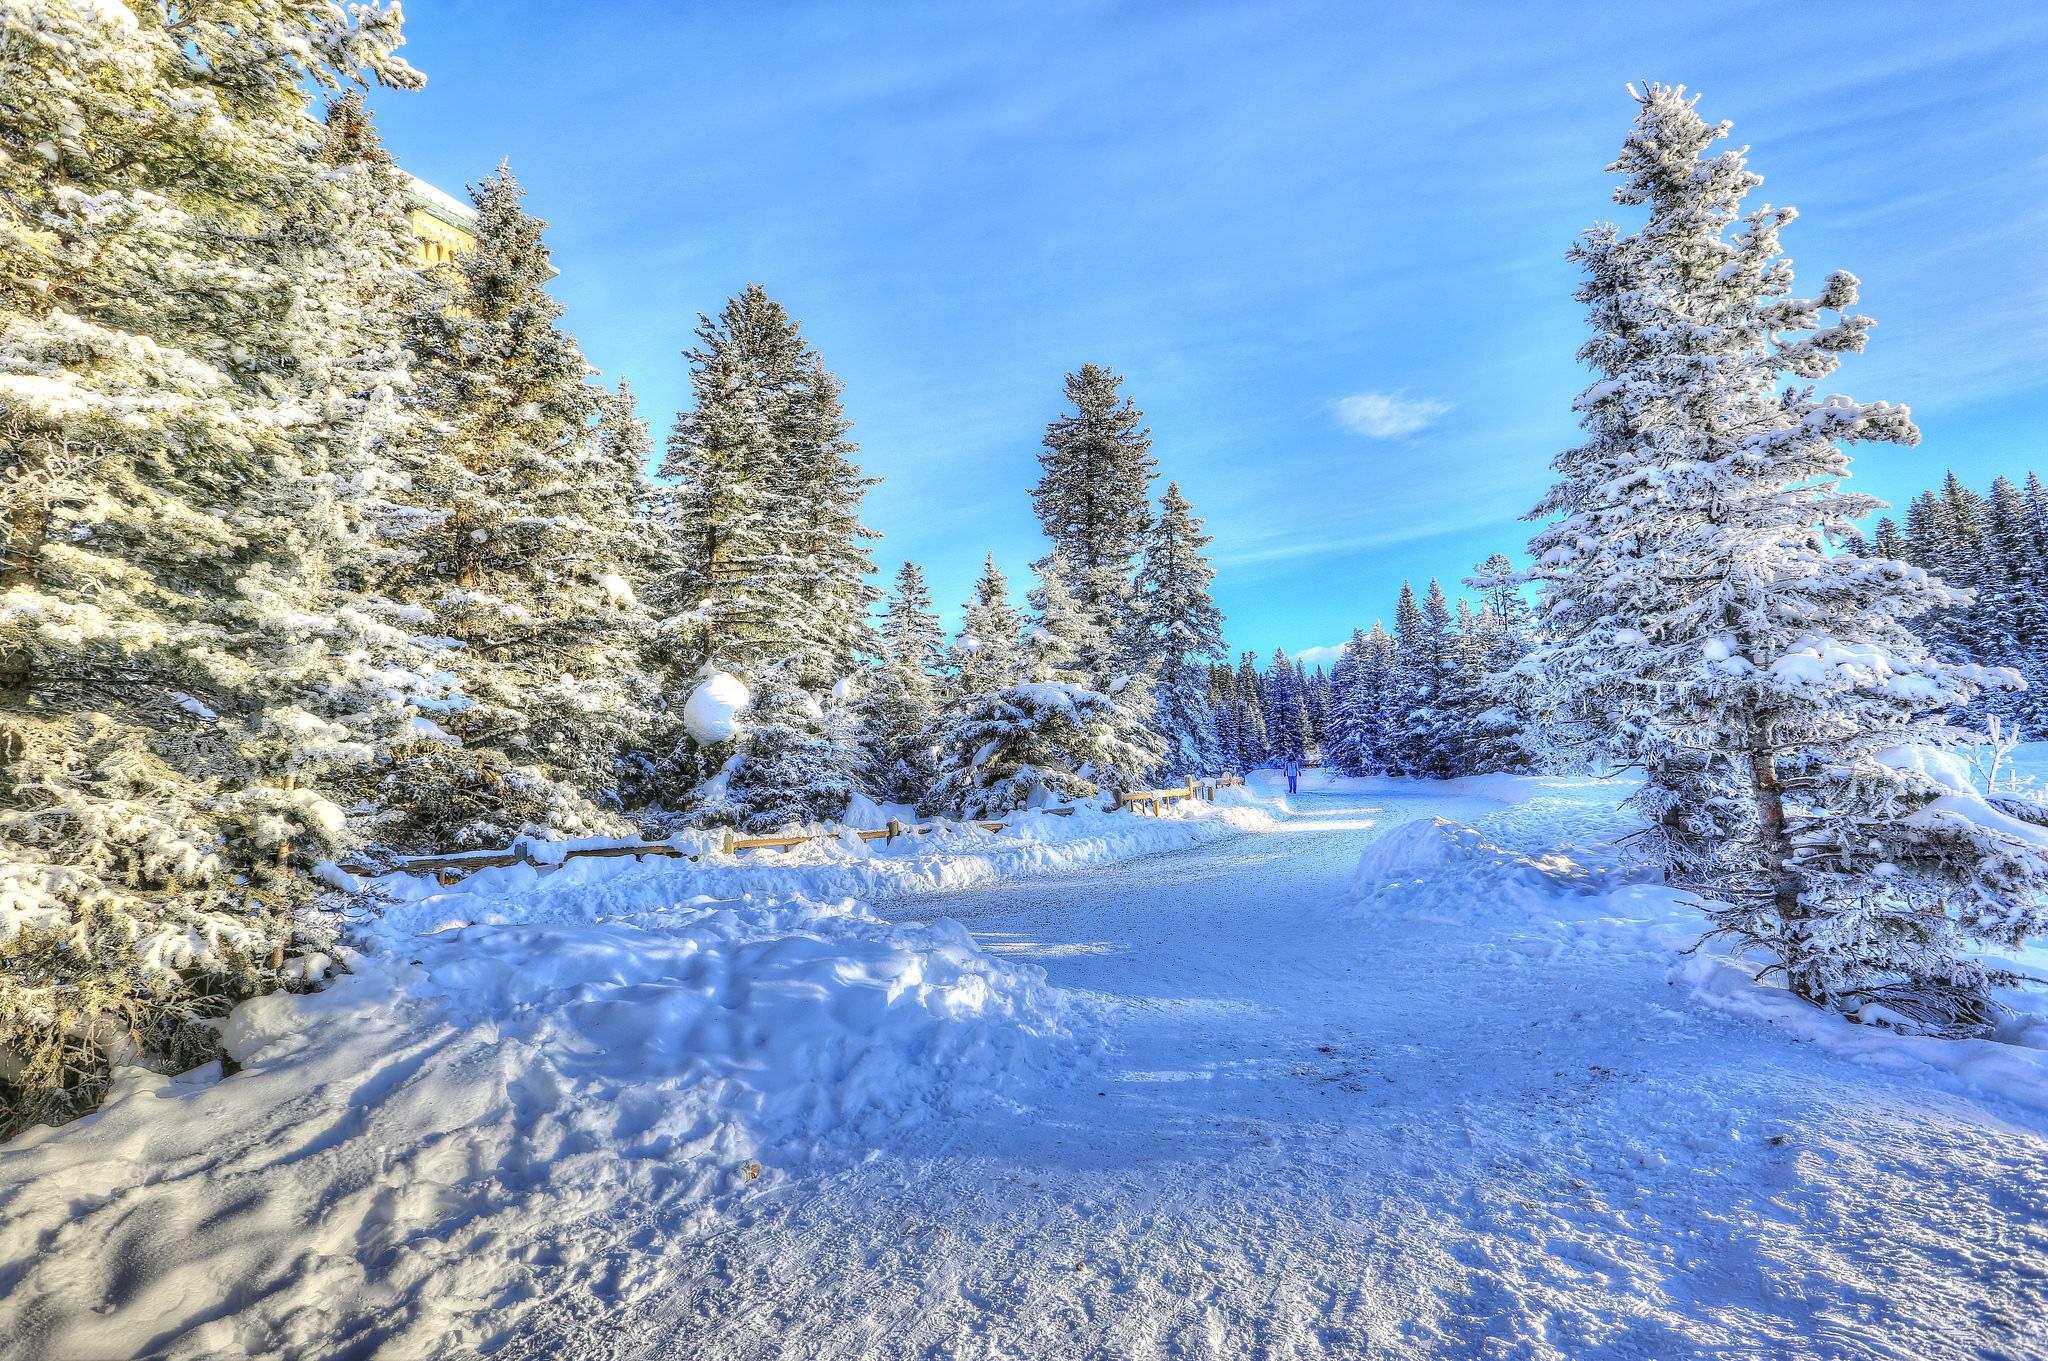 зима, деревья, дорога